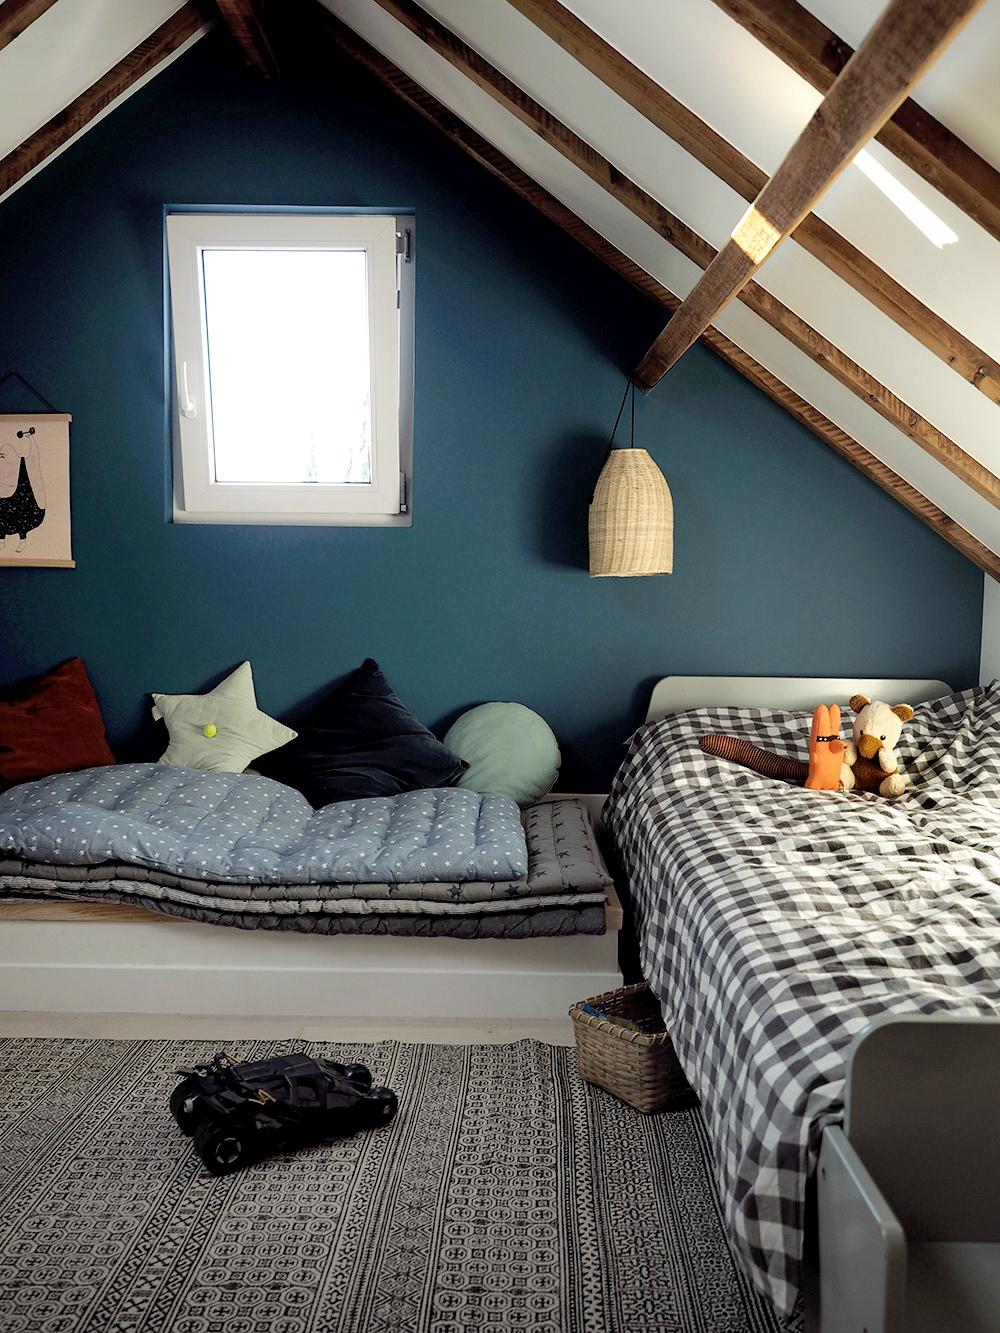 Chambre Matelas Au Sol une chambre sous les toits - minireyve